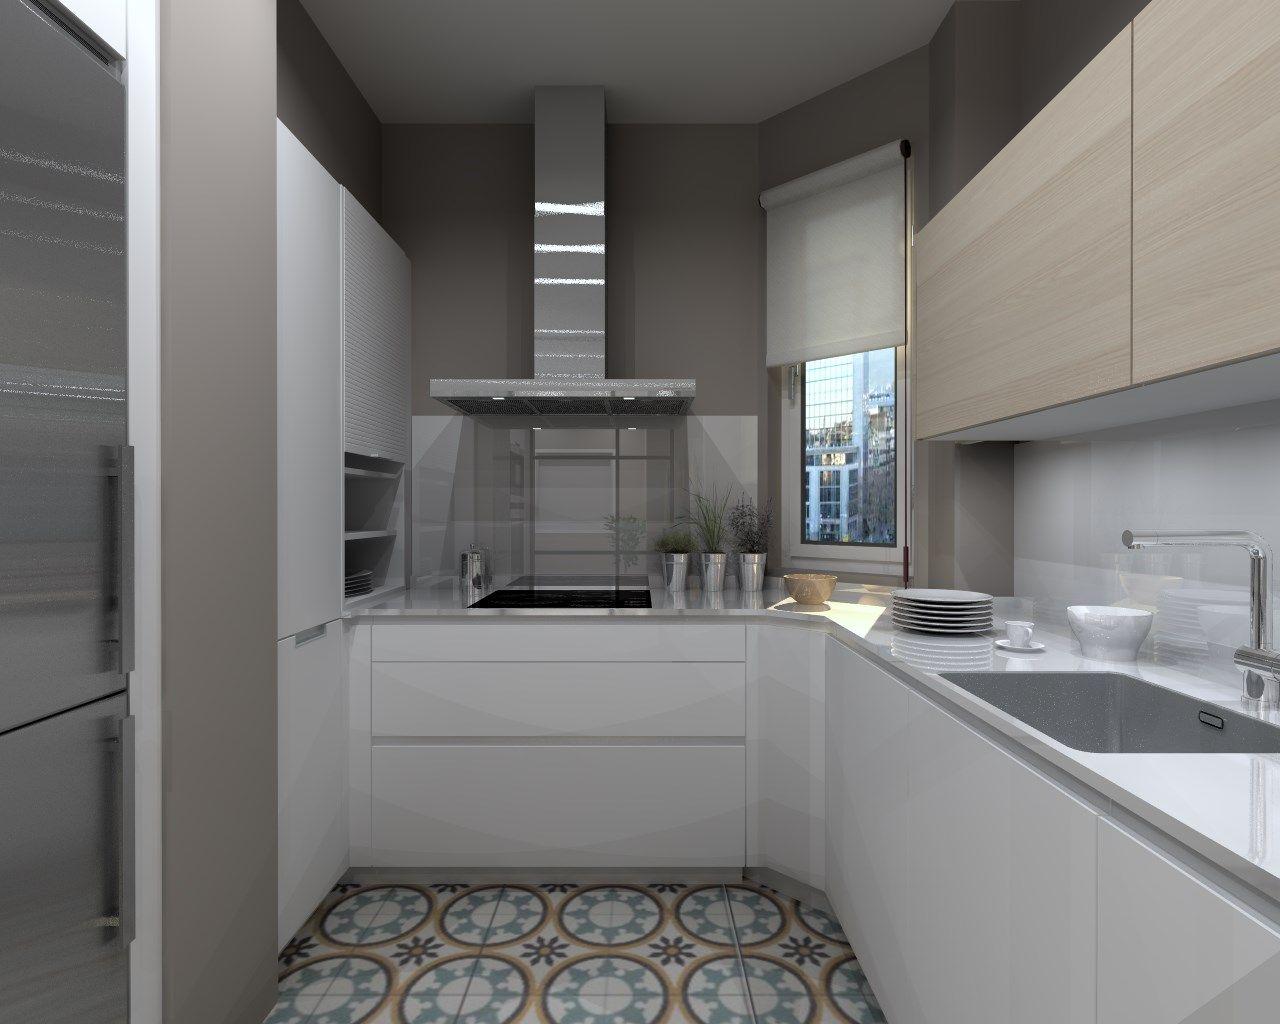 Cocina Santos Modelo Line Estratificado Blanco Y Fresno Encimera  # Muebles Cocinas Soinco